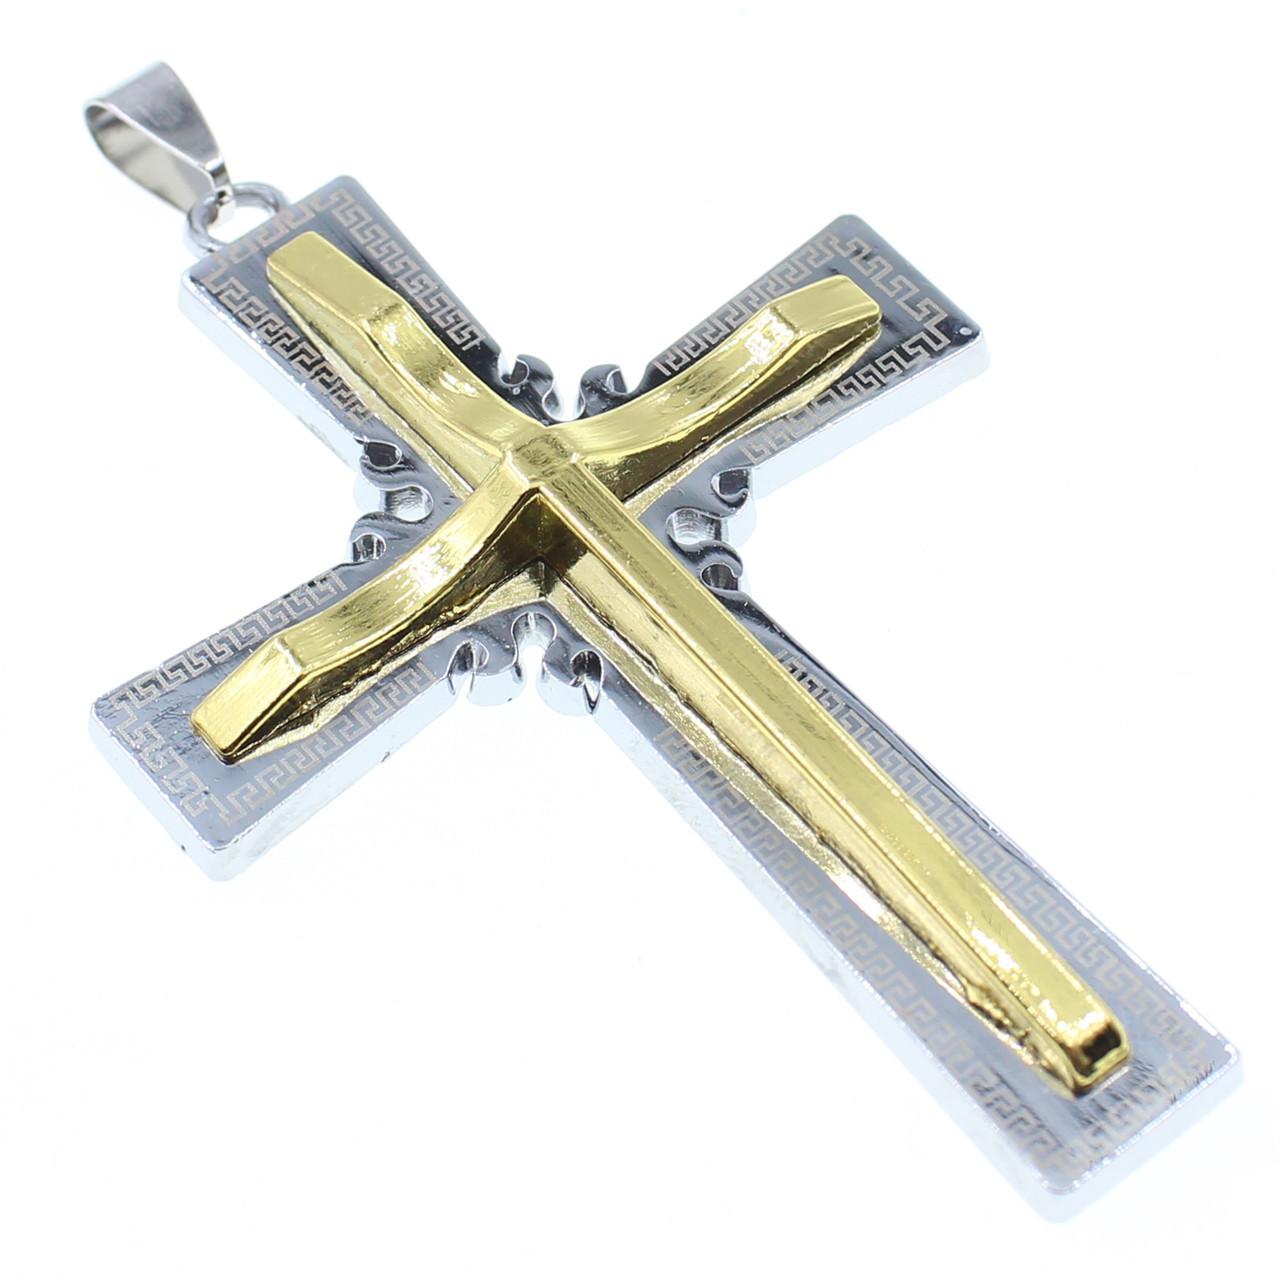 съемка картинка в виде креста комплекс работ